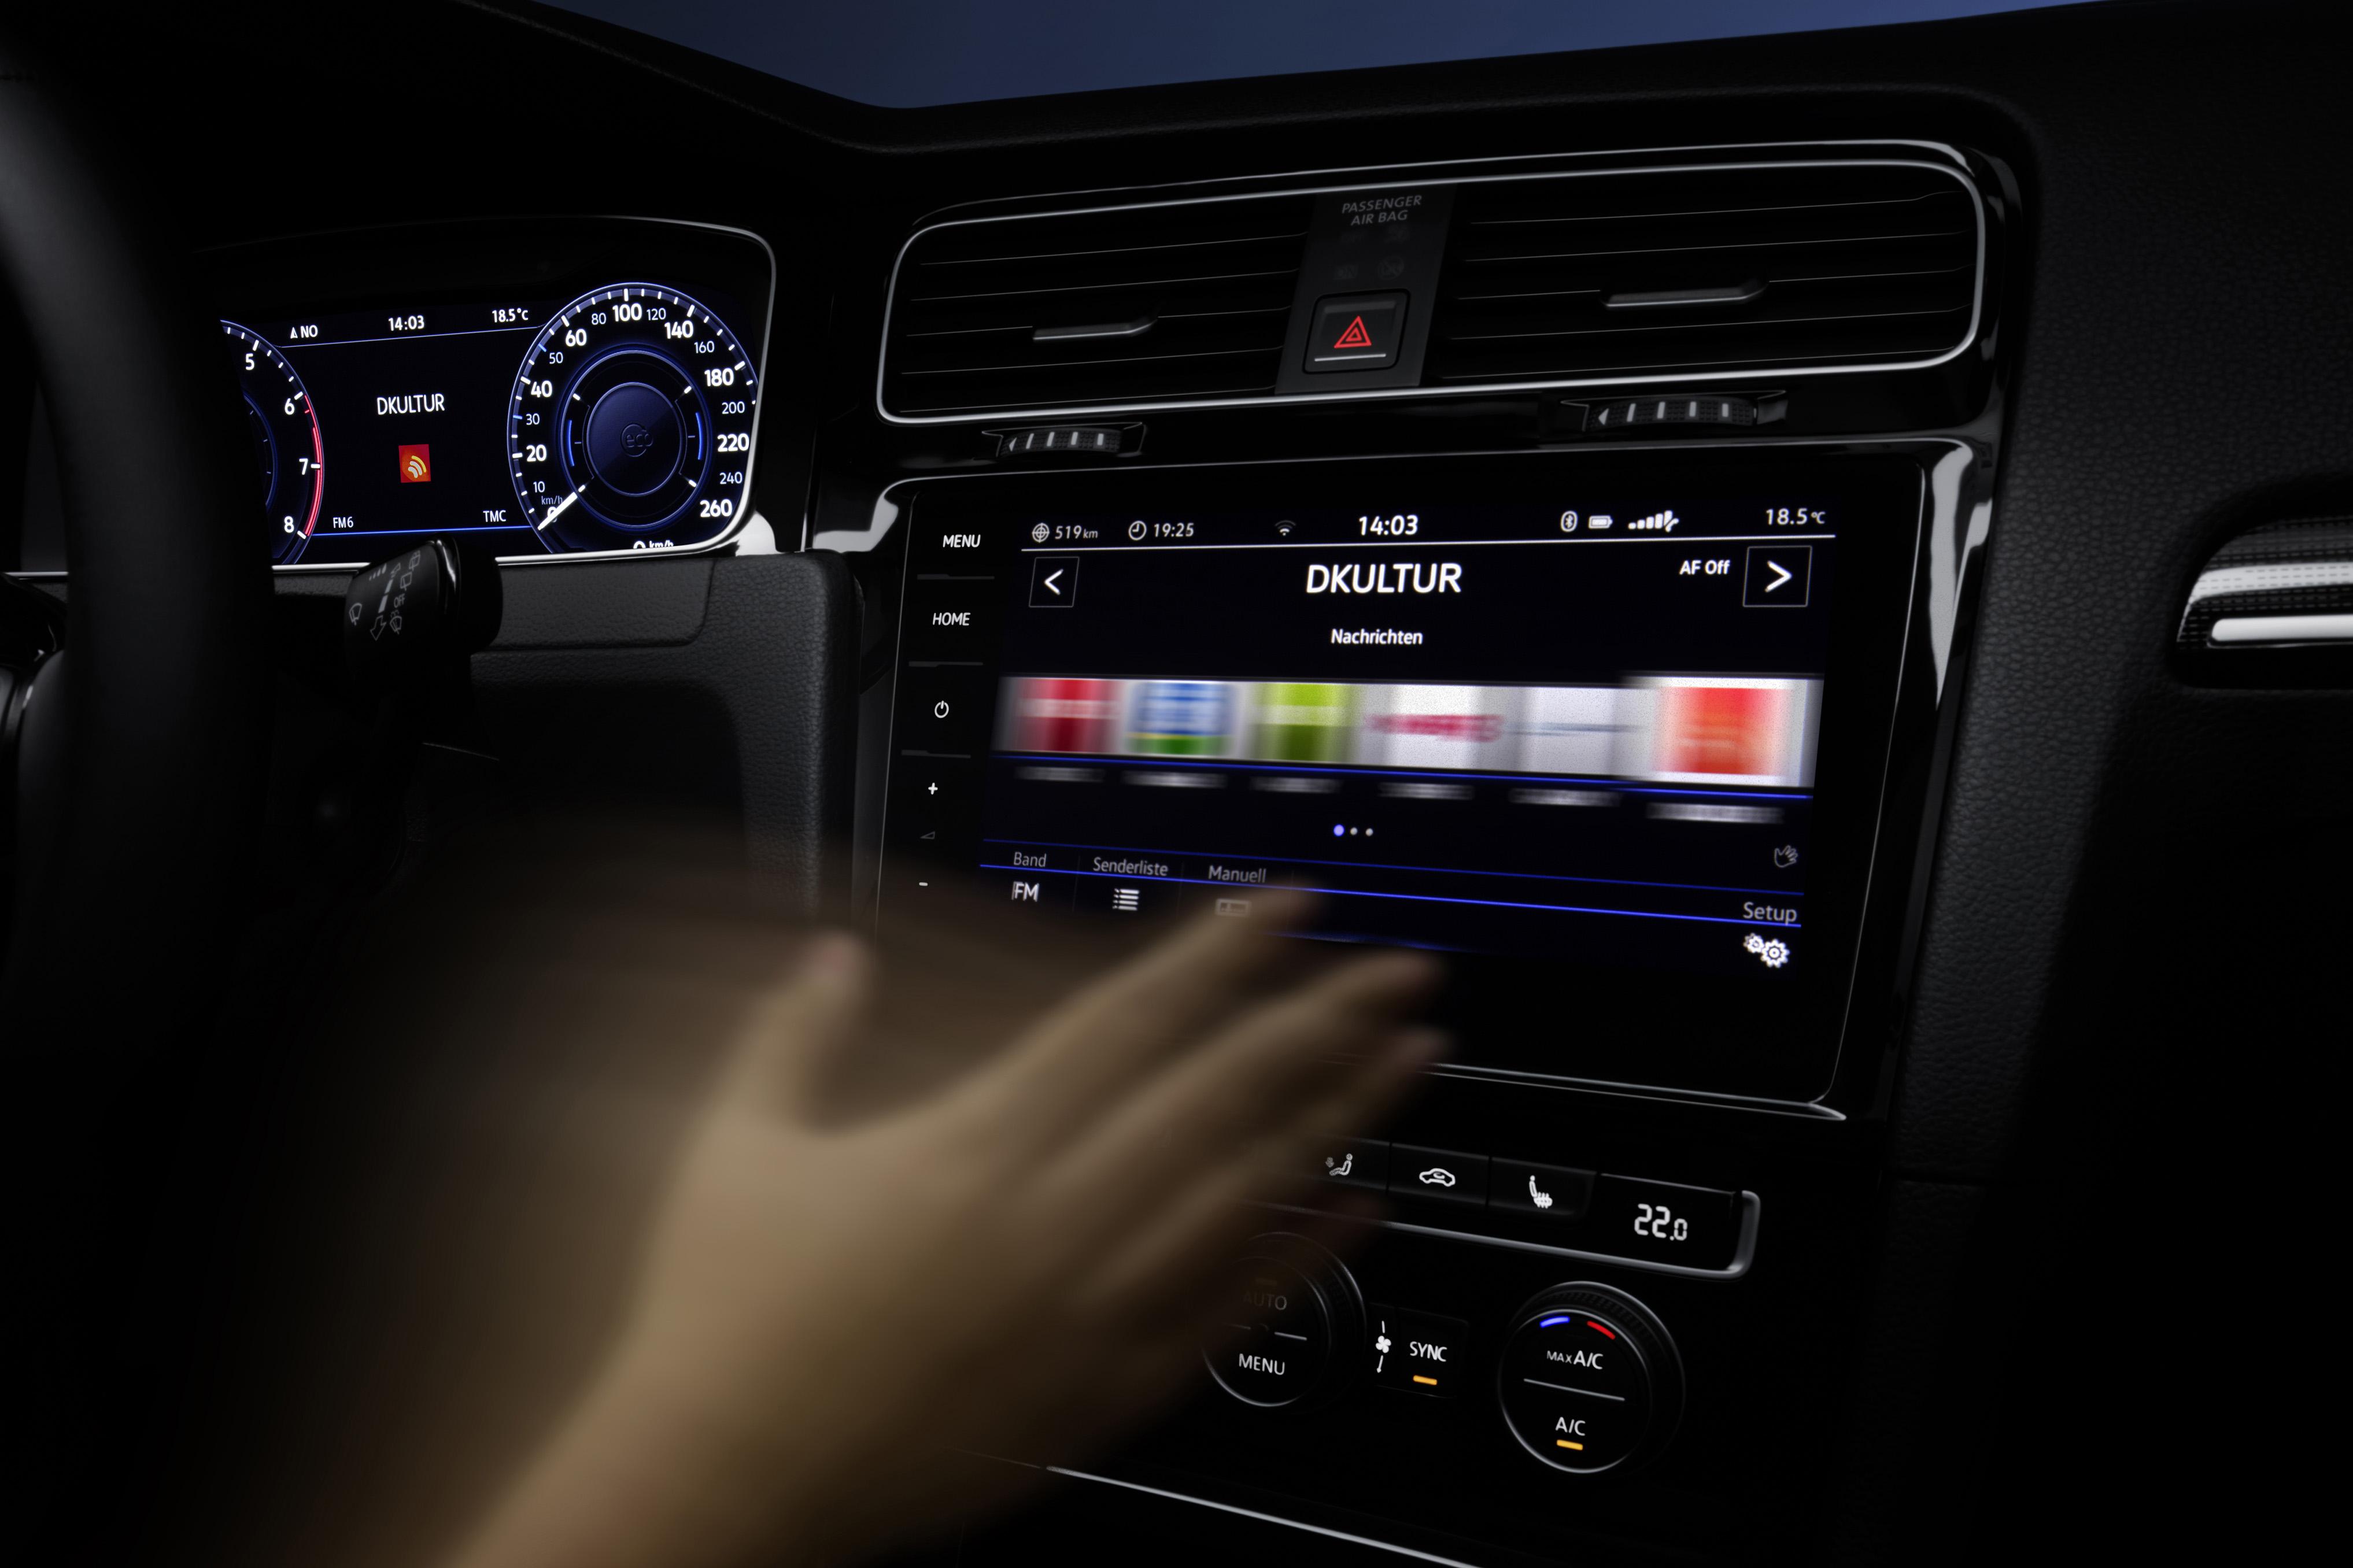 【新事】AutomotiveINNOVATIONS最具創新品牌開獎,科技掛帥